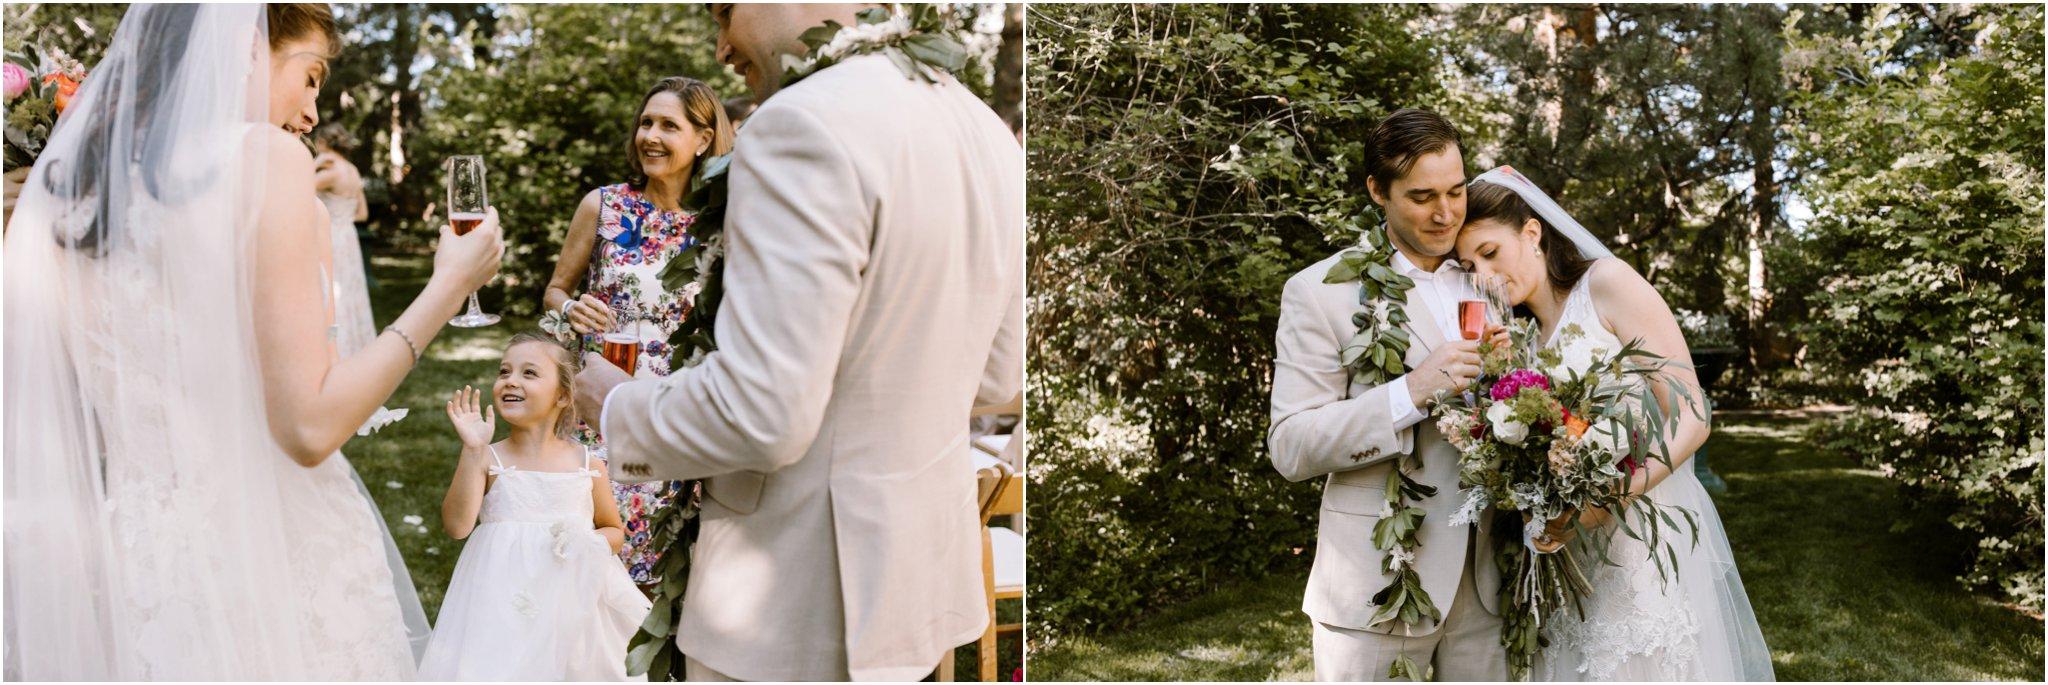 0274Los Poblanos Weddings Blue Rose Photography Studios